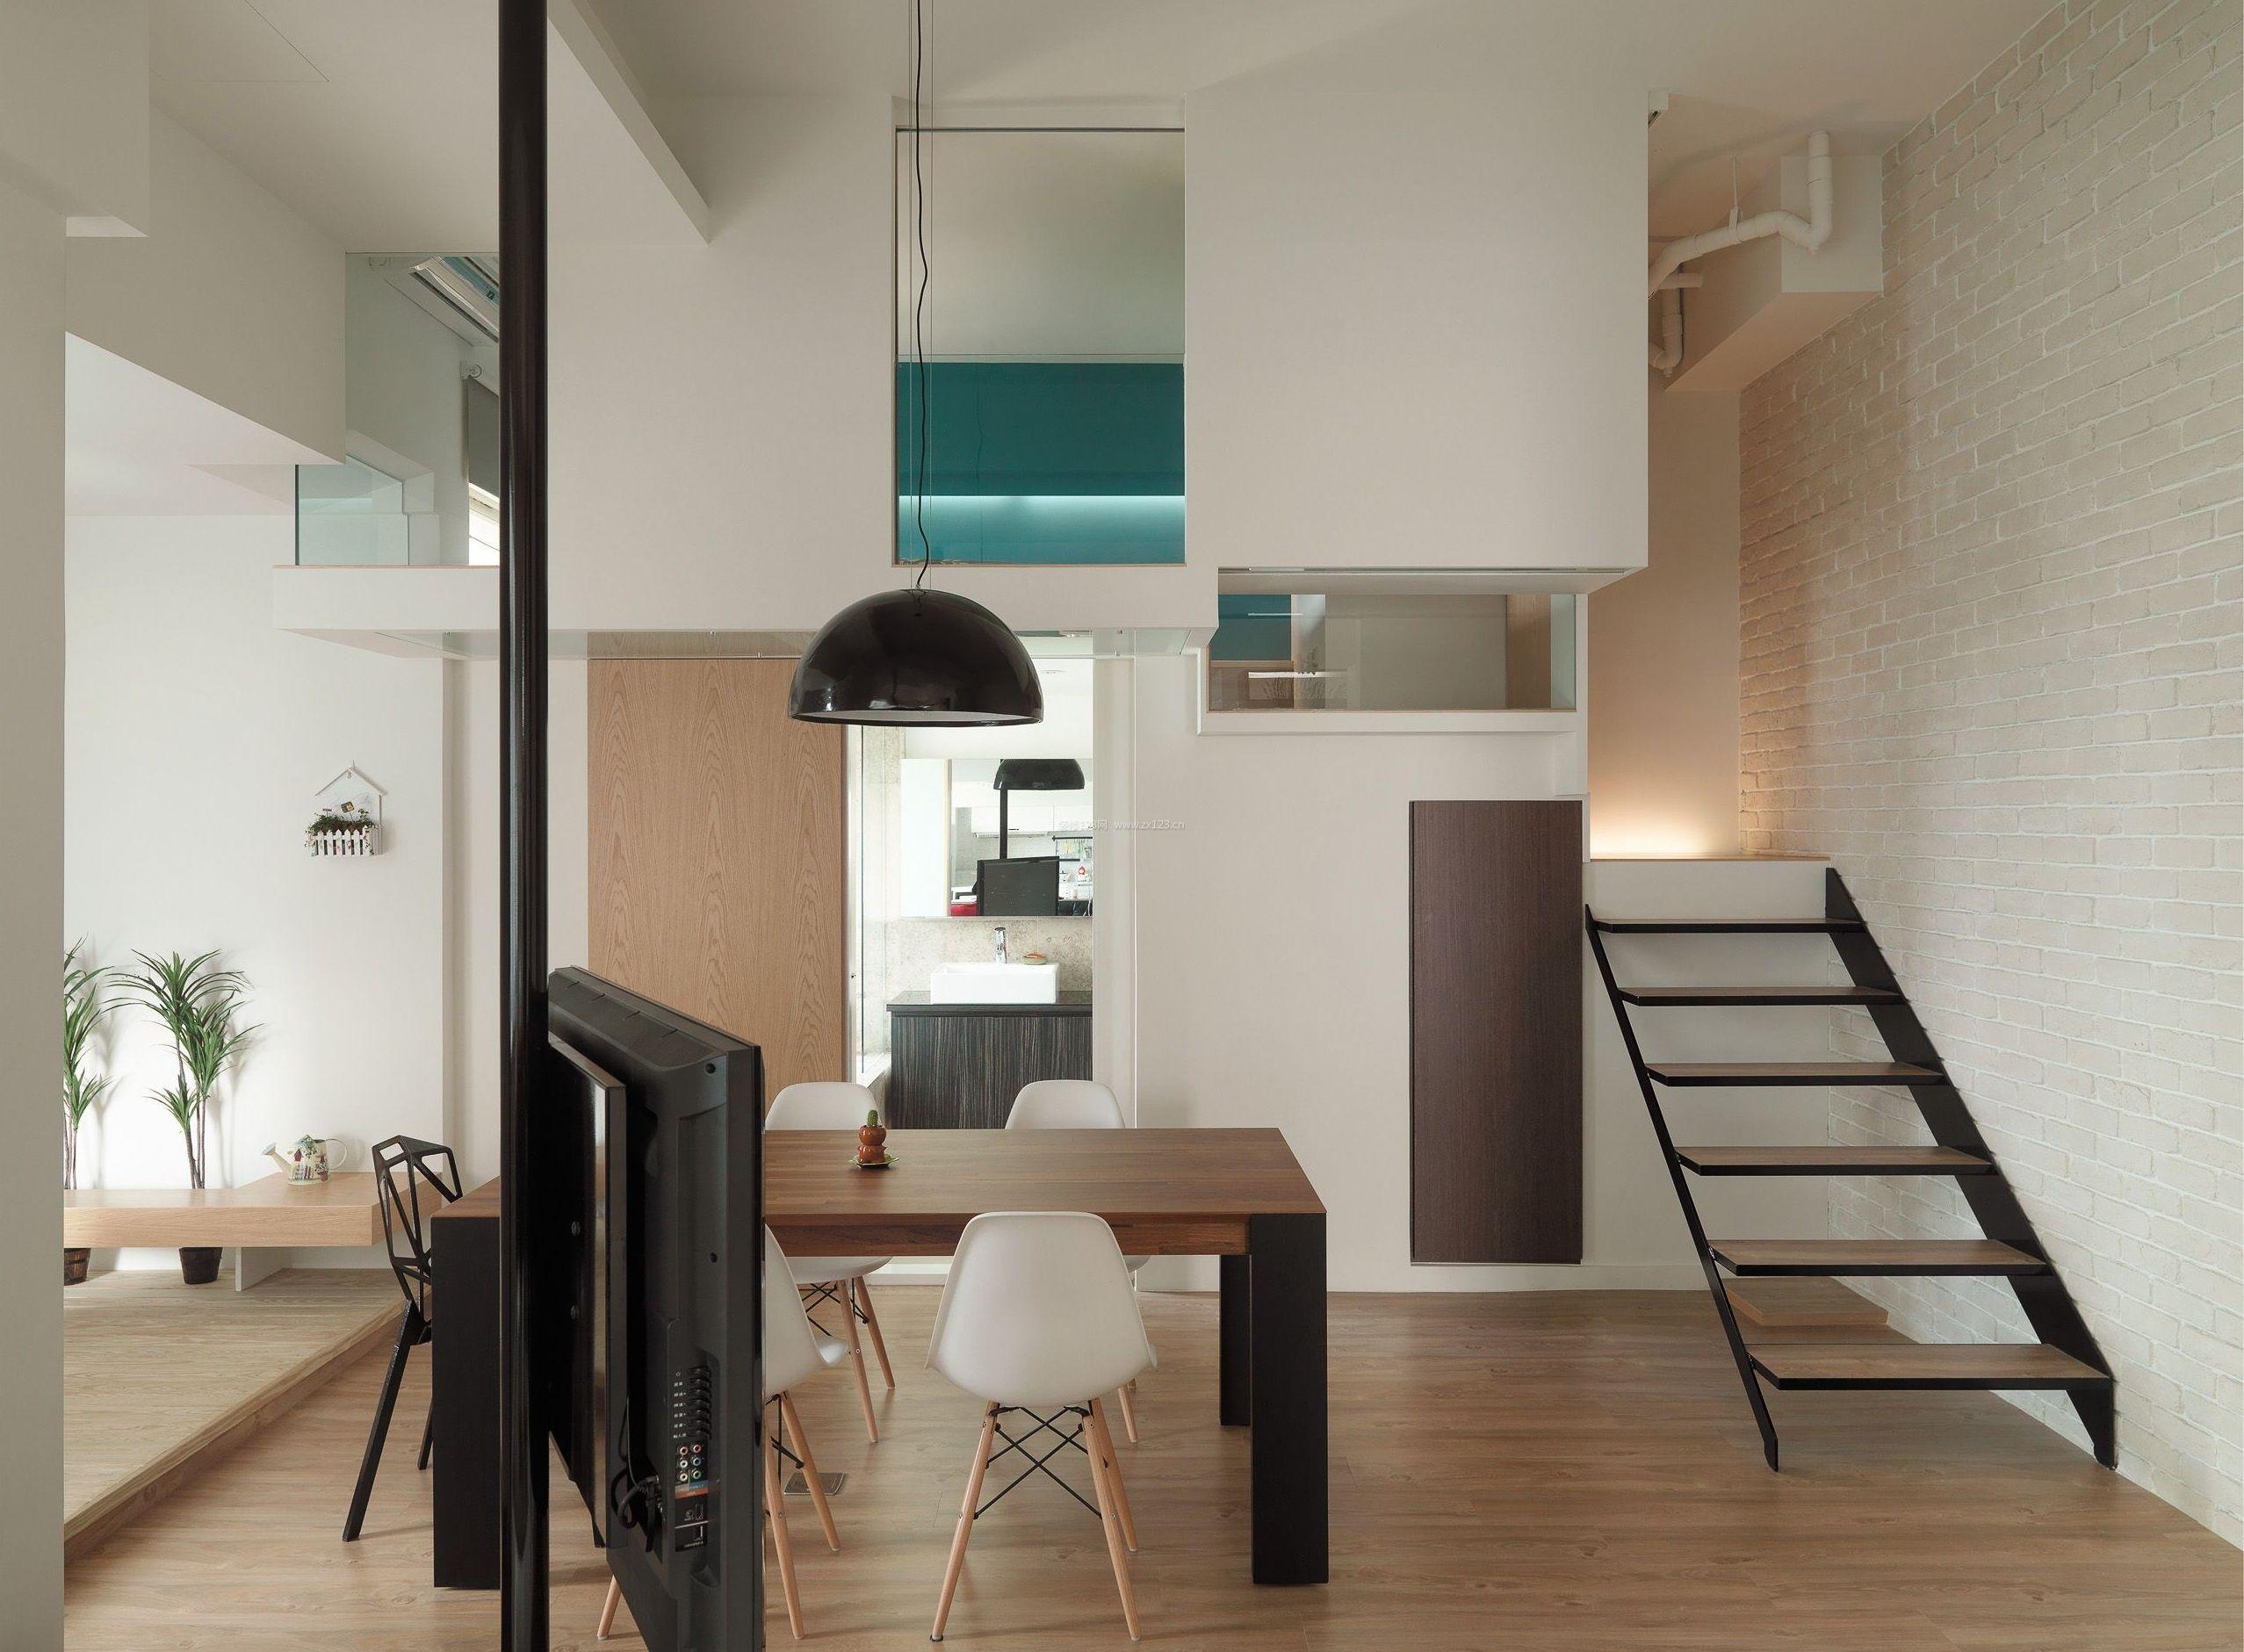 北欧简约风格家居原木地板装修效果图片